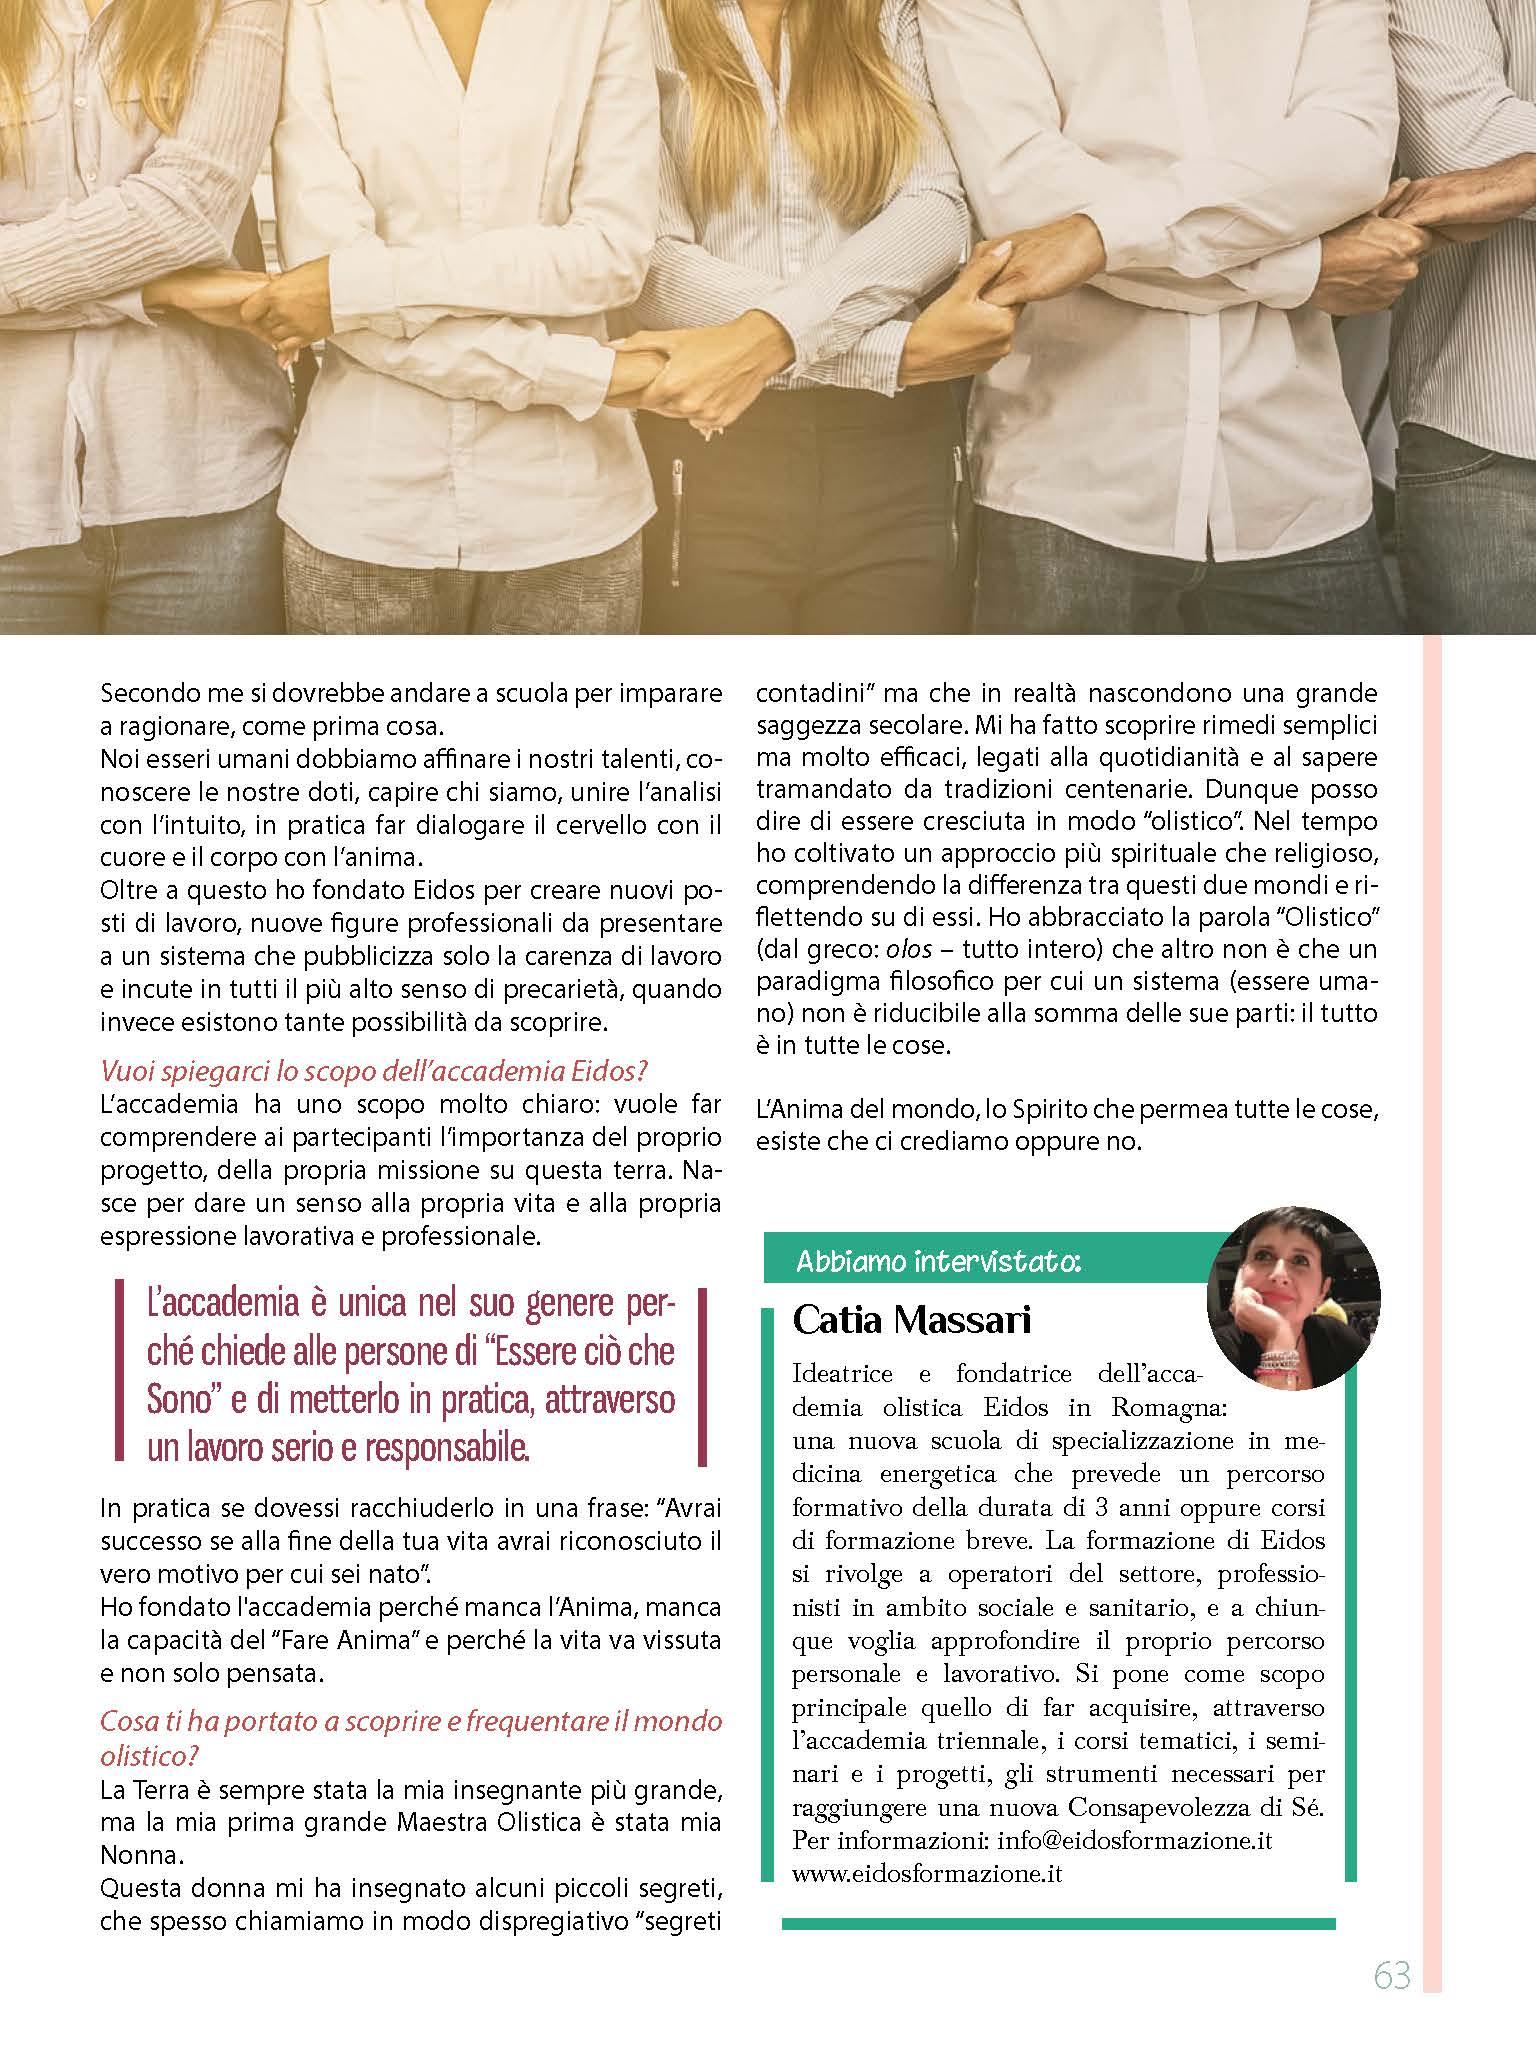 Articolo dedicato a EIDOS Formazione su Vivi Consapevole